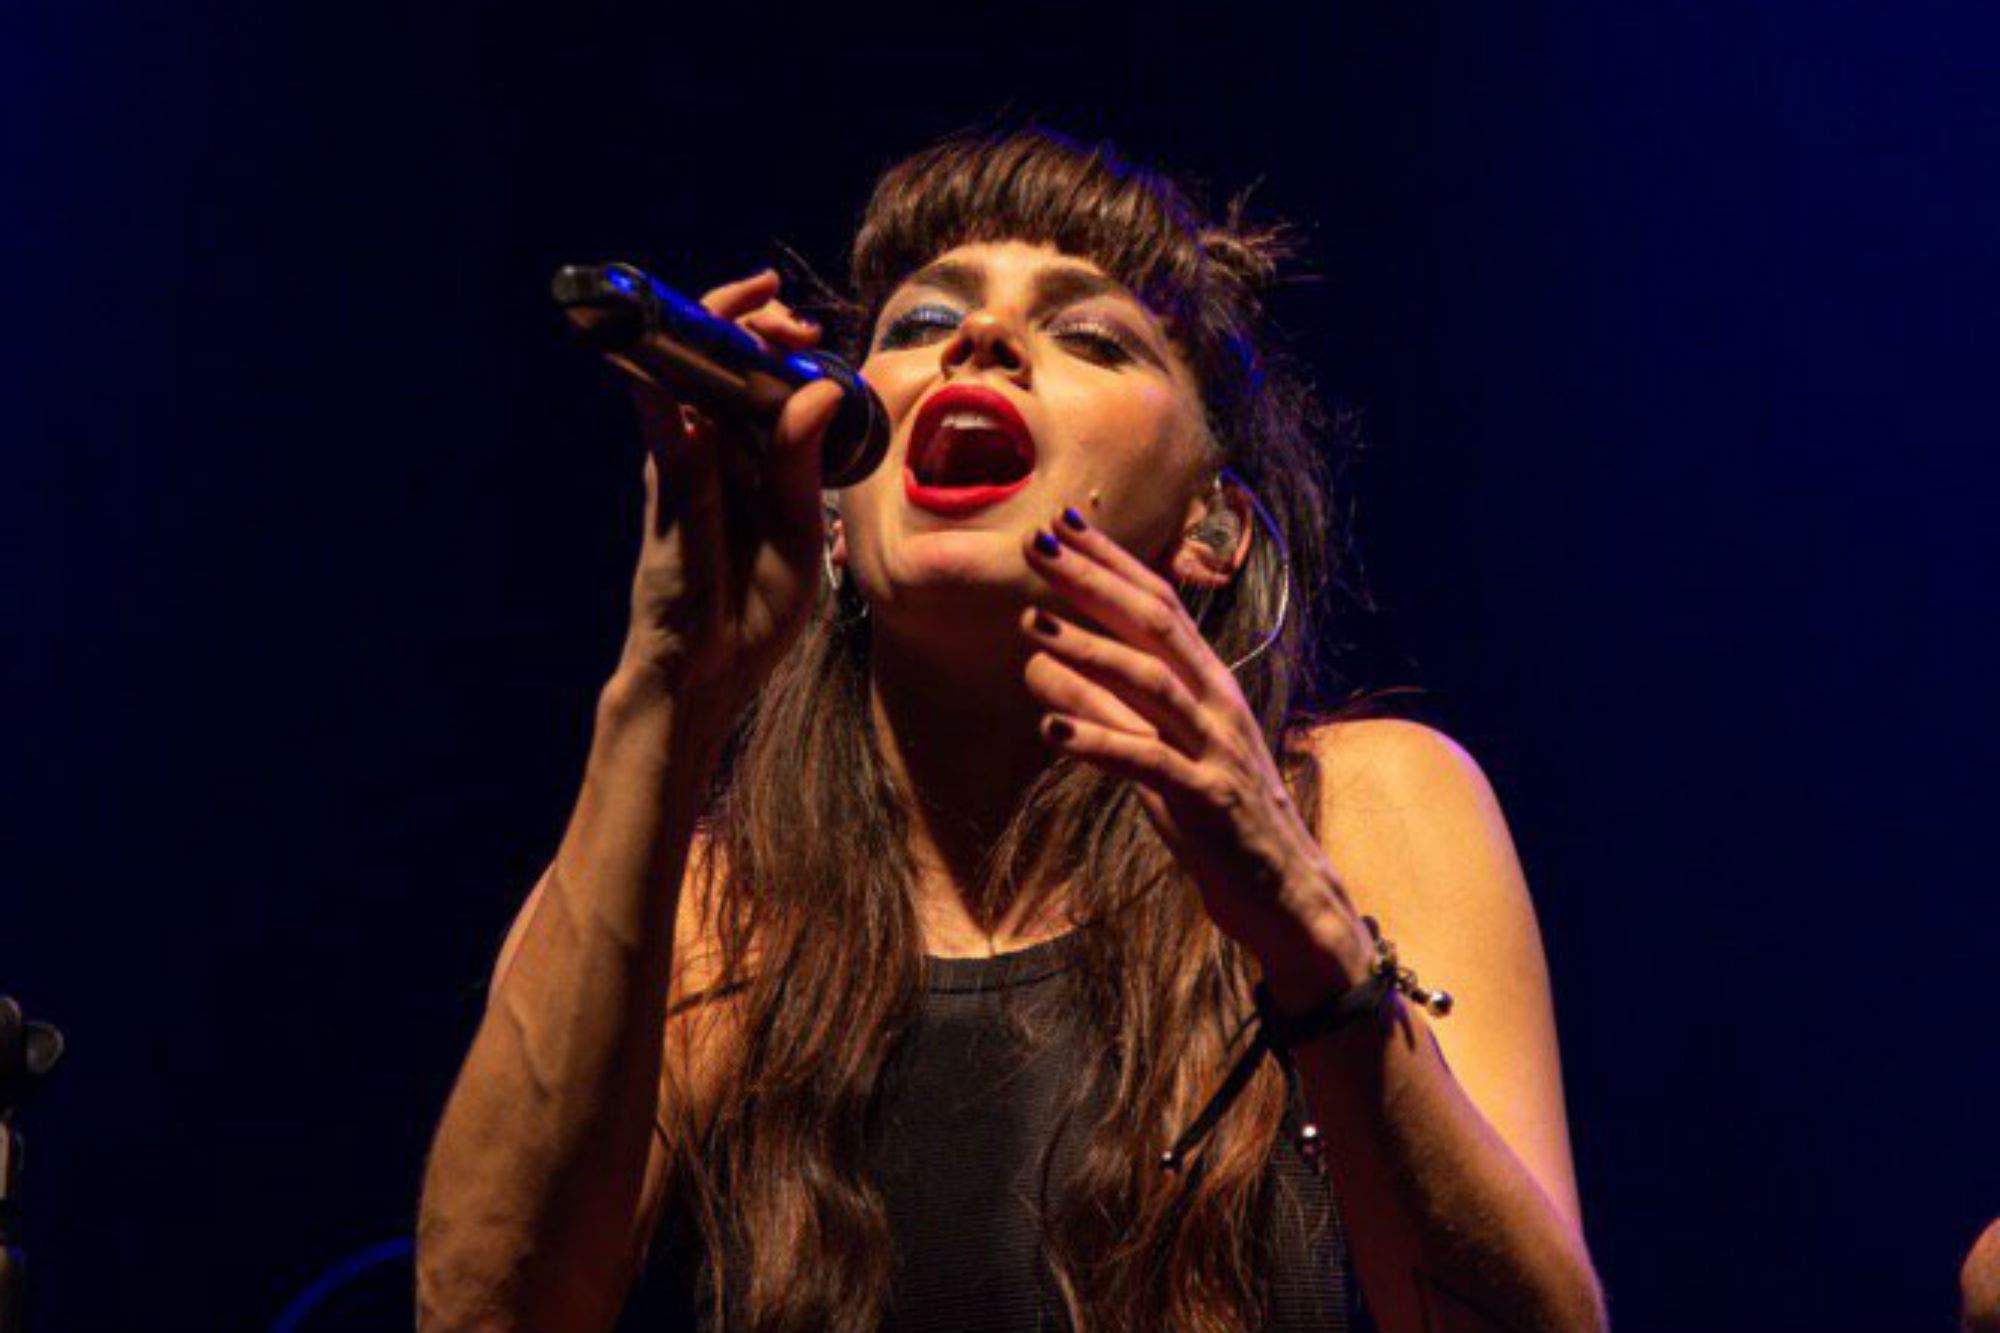 Un sábado a pura música: Natalie Pérez en Vorterix y Luciano Pereyra en el Luna Park hicieron delirar a sus fans